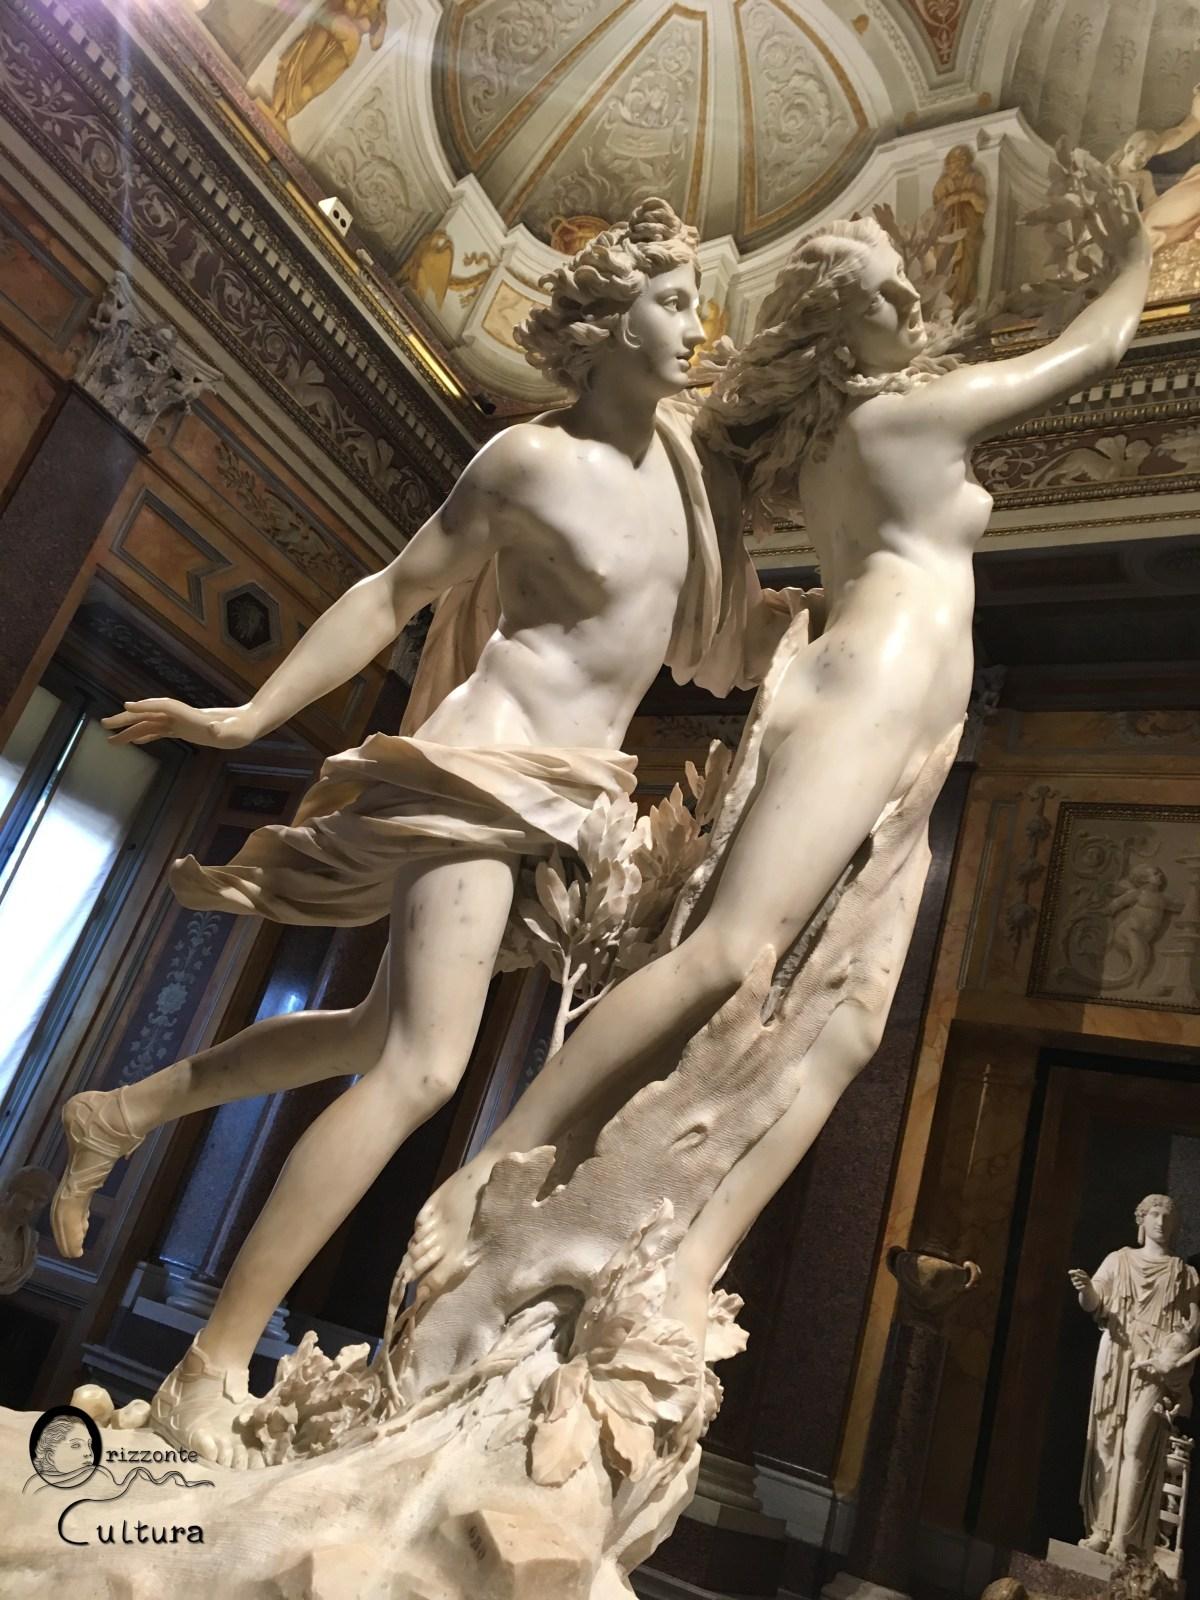 Gian Lorenzo Bernini, Apollo e Dafne alla Galleria Borghese, Orizzonte Cultura